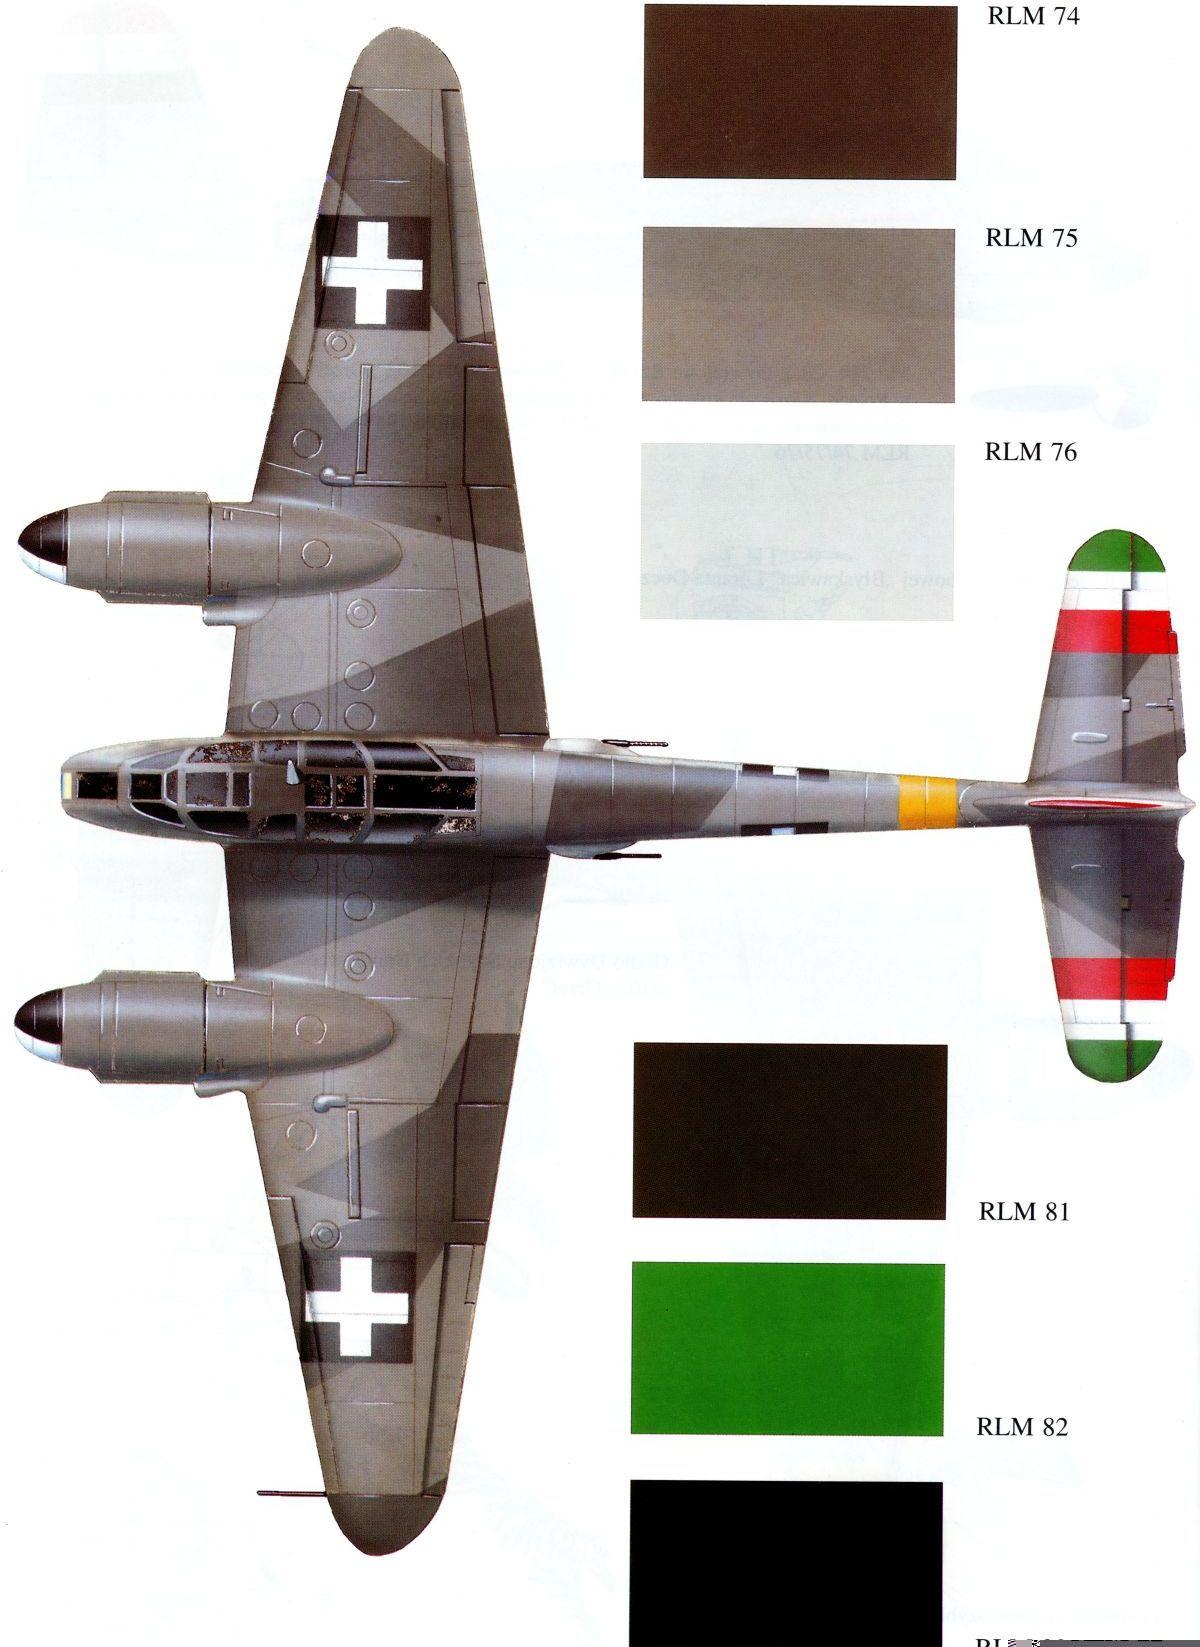 Messerschmitt Me 210C Hornet RHAF 102.1 (Z0+65) Hungary 1944 0A